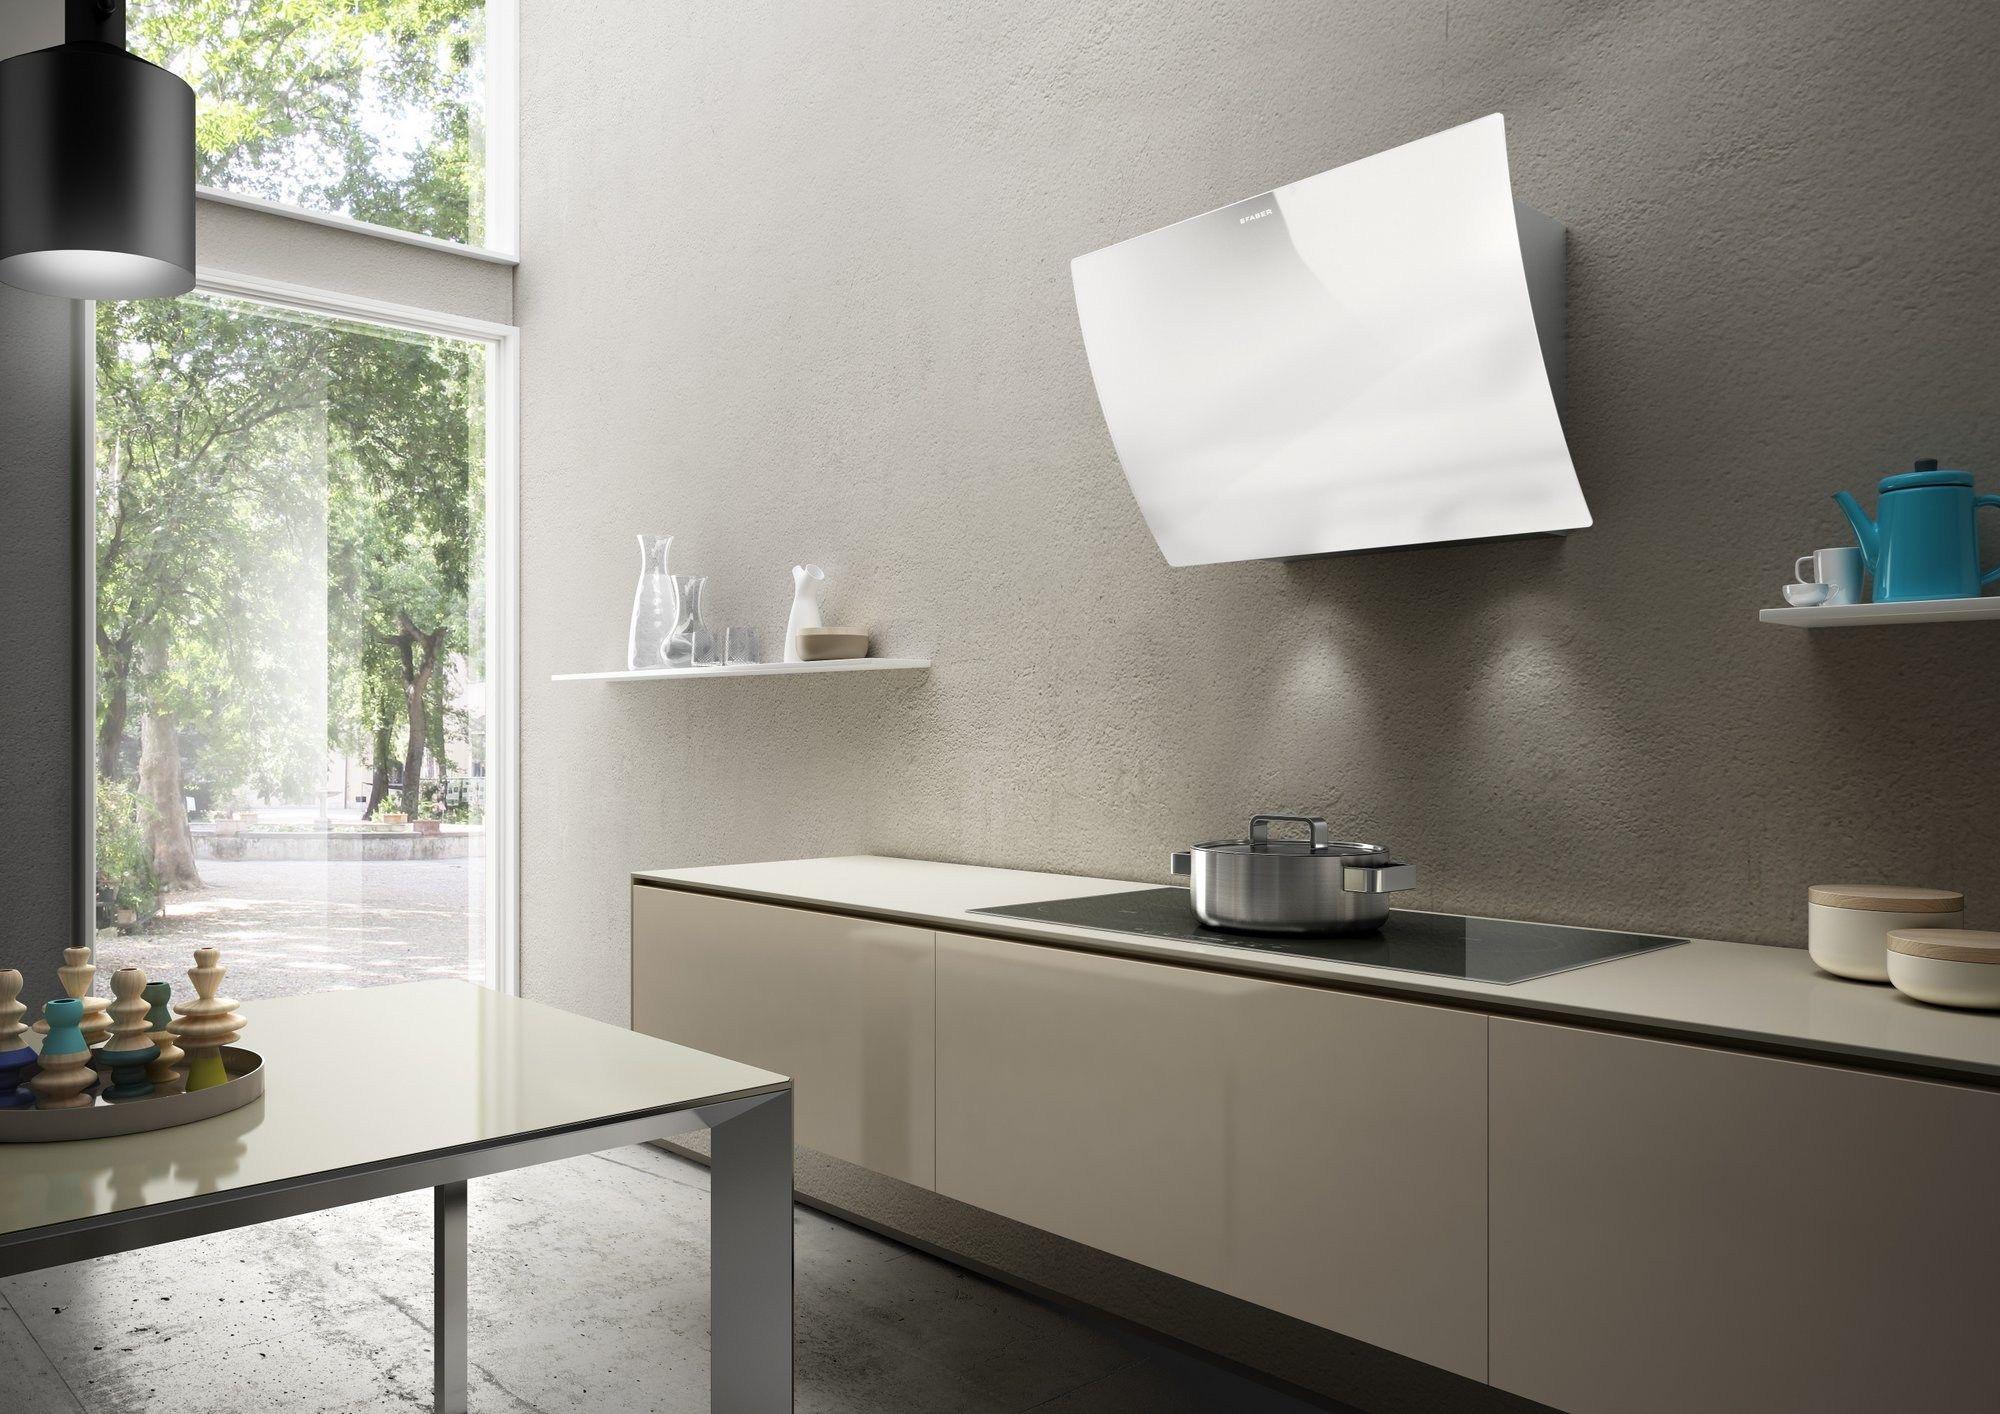 Cappa in vetro temperato a parete versus linea design for Cappa design